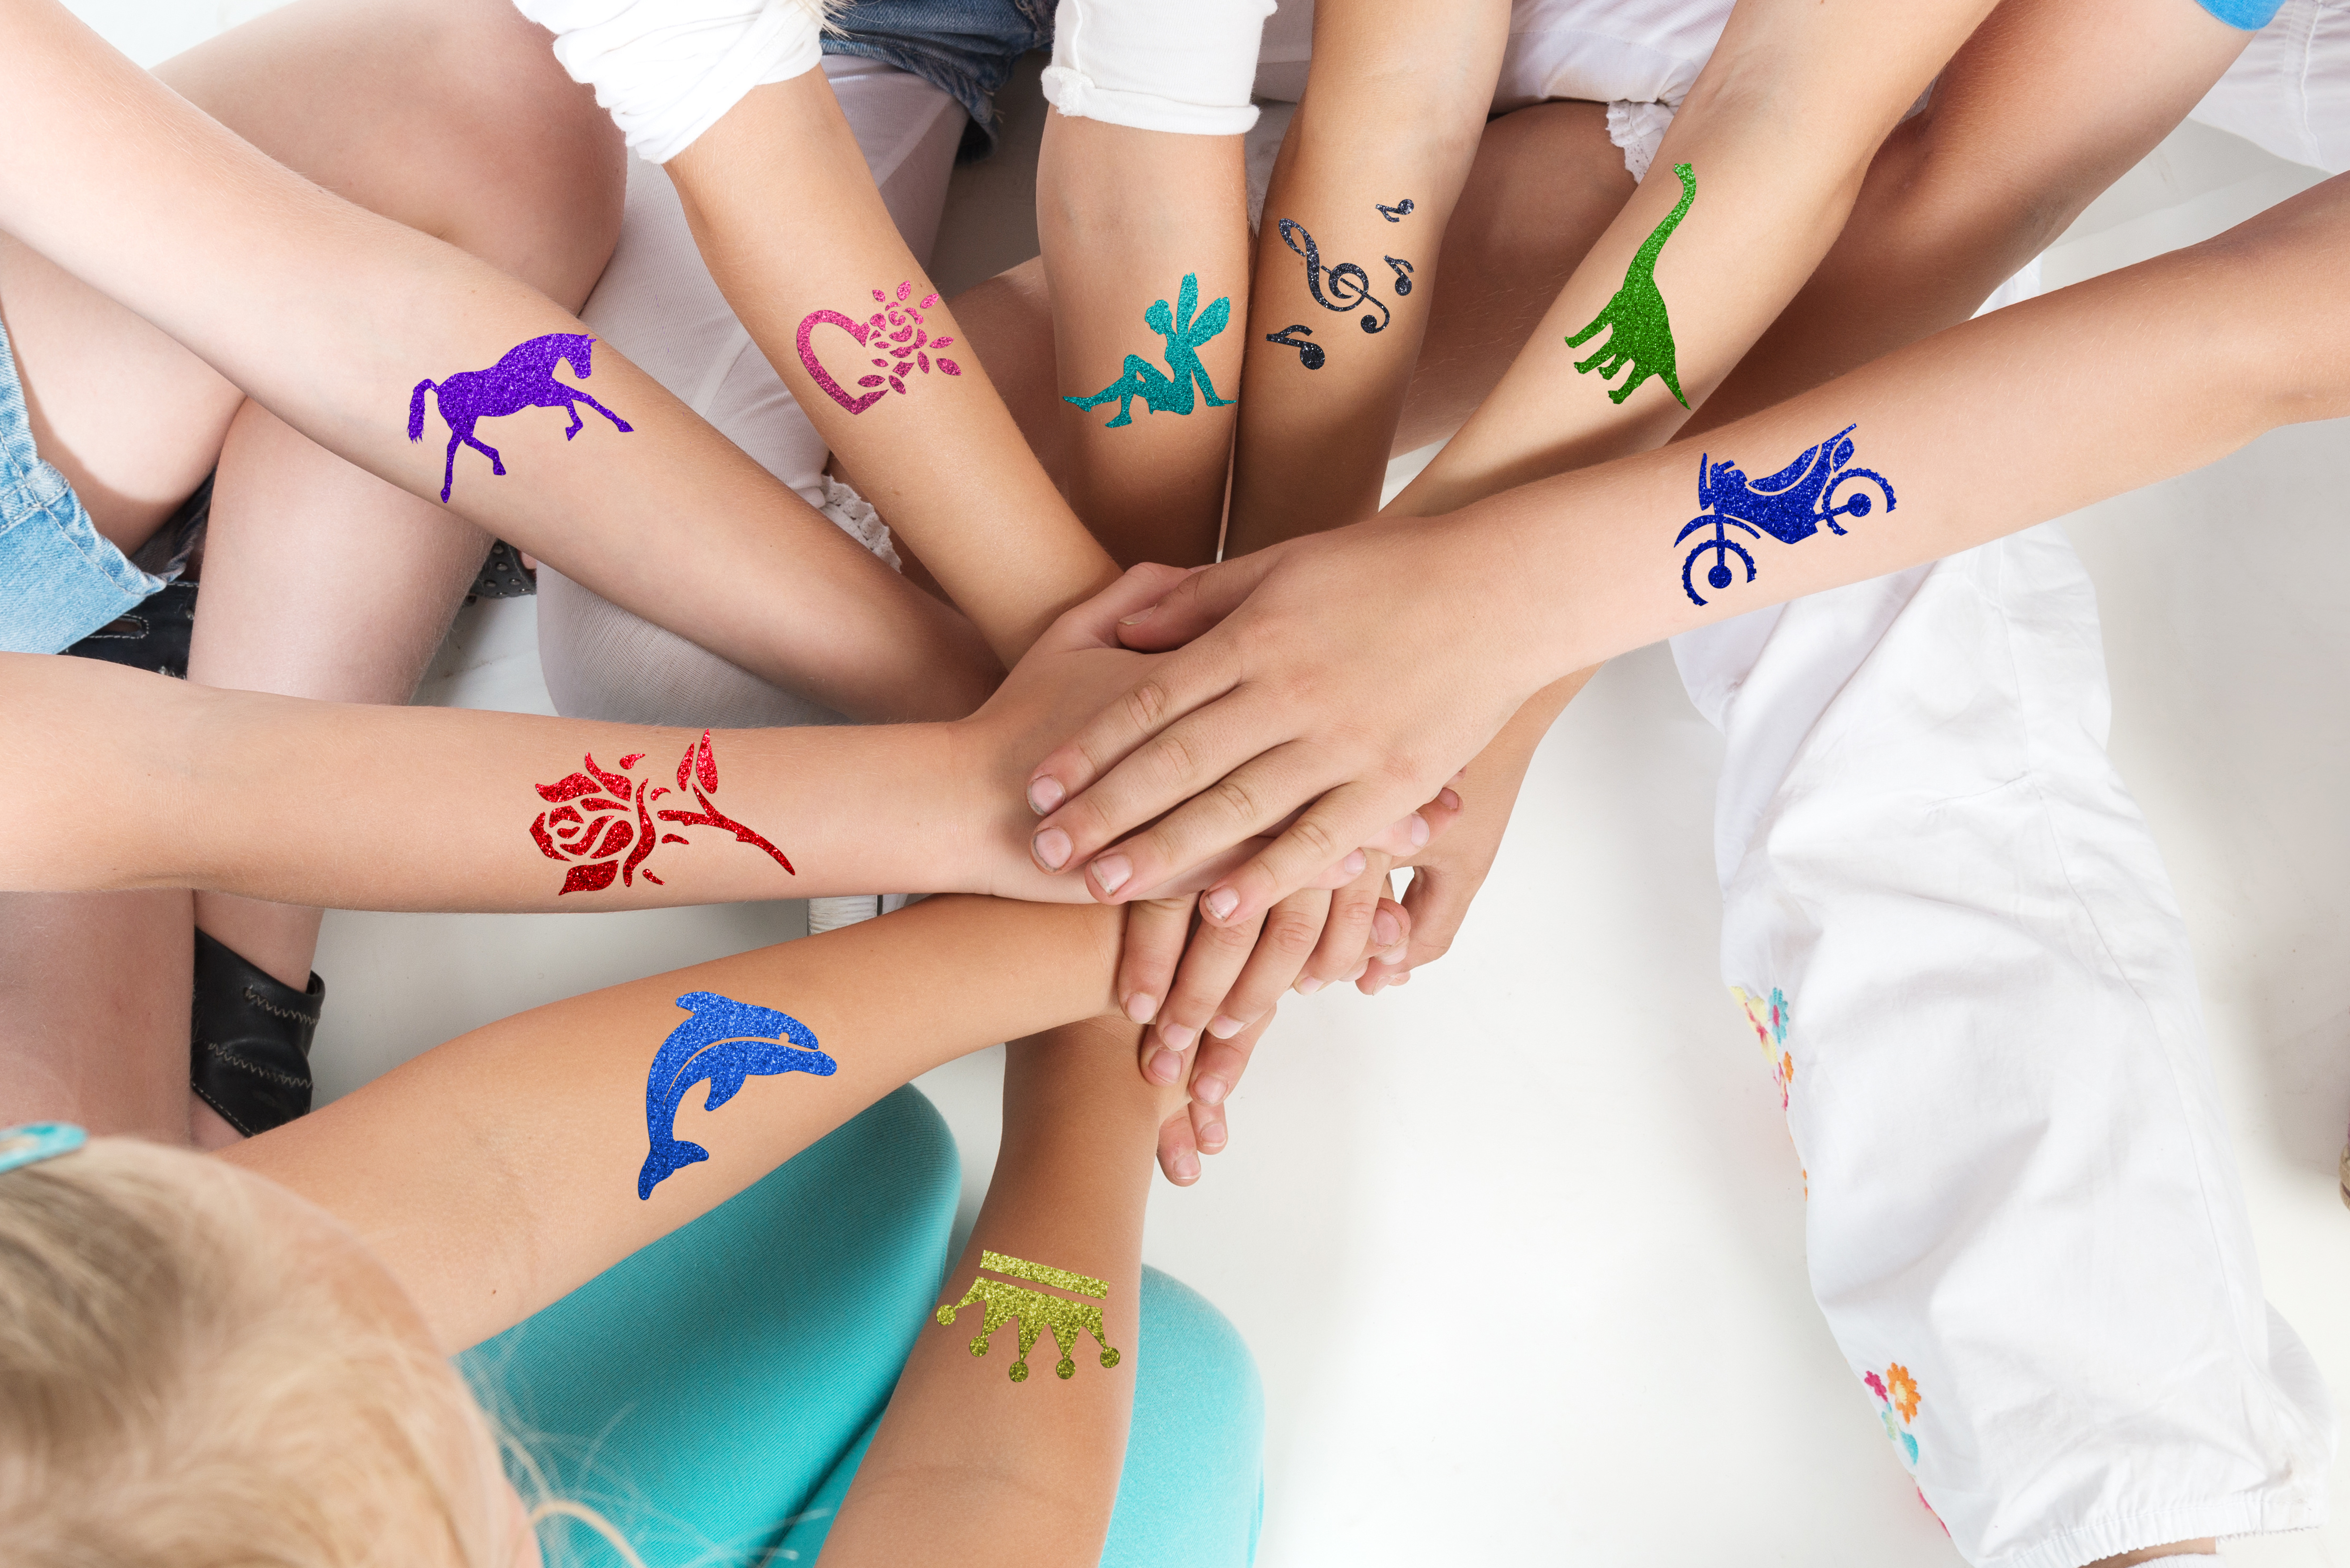 Glitzer Tattoo Set FUSSBALL FUßBALL mit Profikleber, 1x Pinsel, 4x Glitzer, 6x Tattooschablone